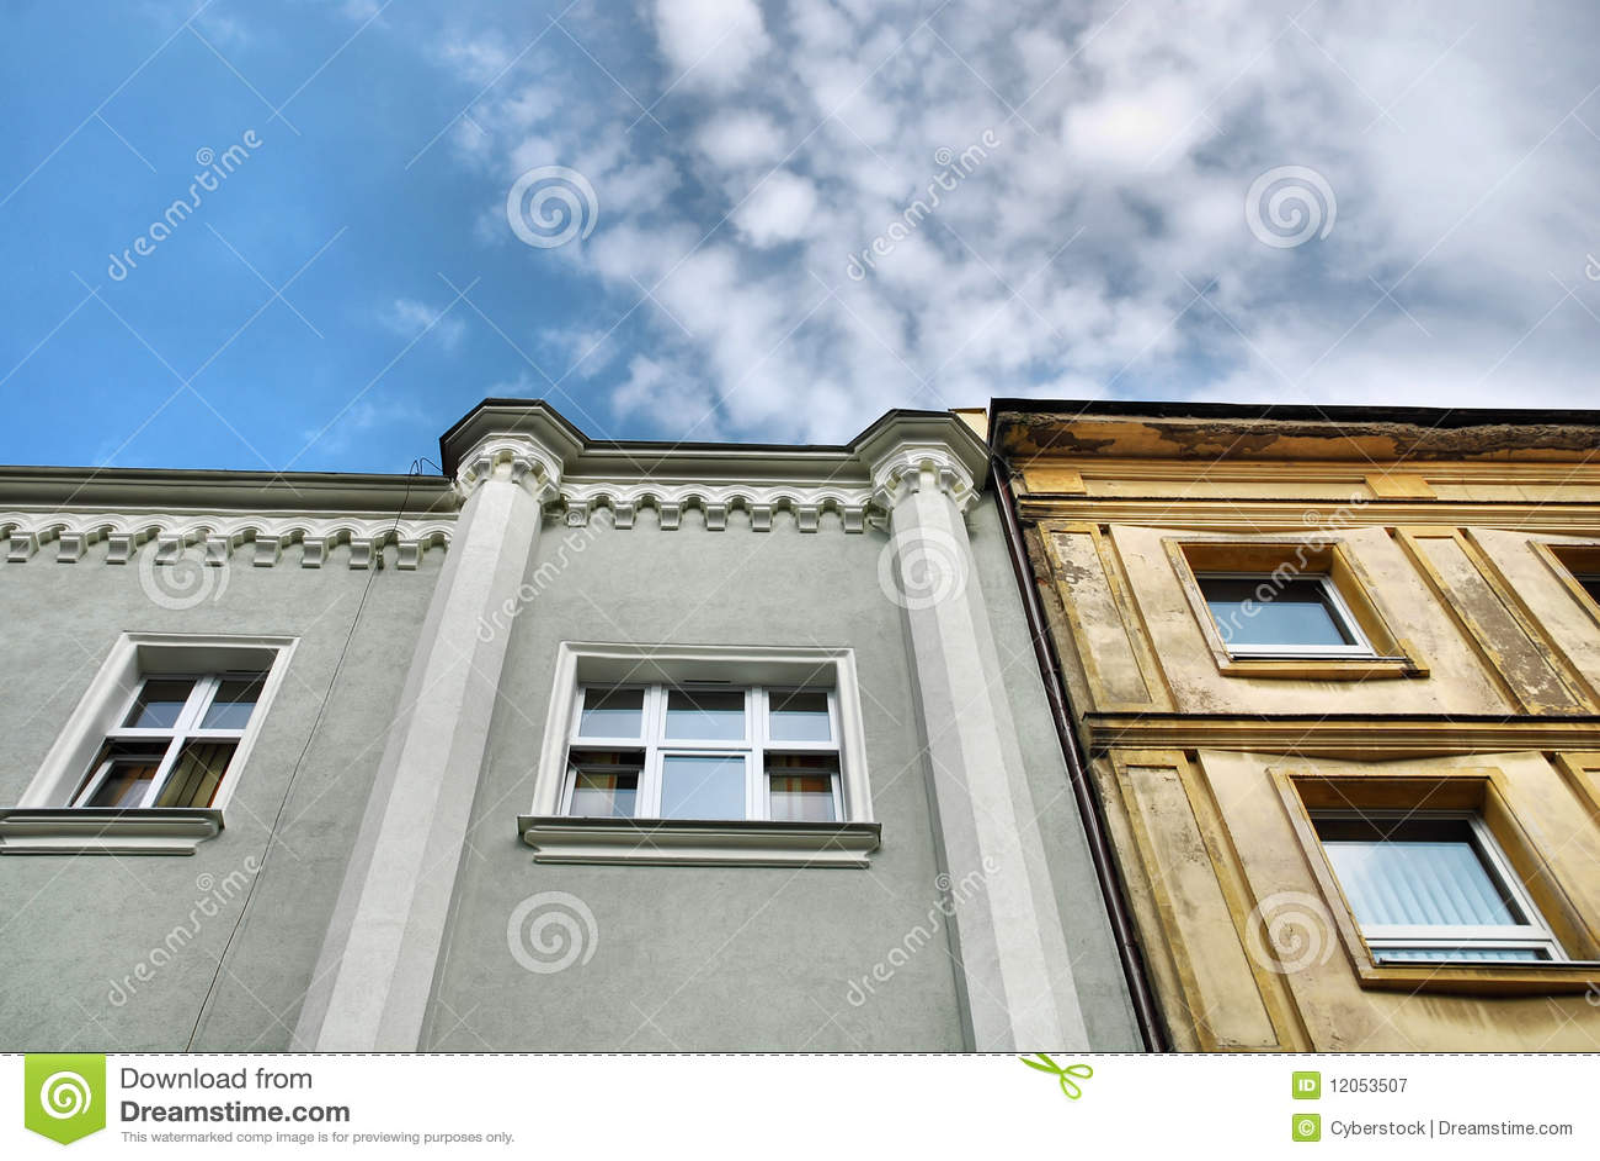 Oud huis stock afbeelding afbeelding bestaande uit poetsmiddel 12053507 - Lay outs oud huis ...